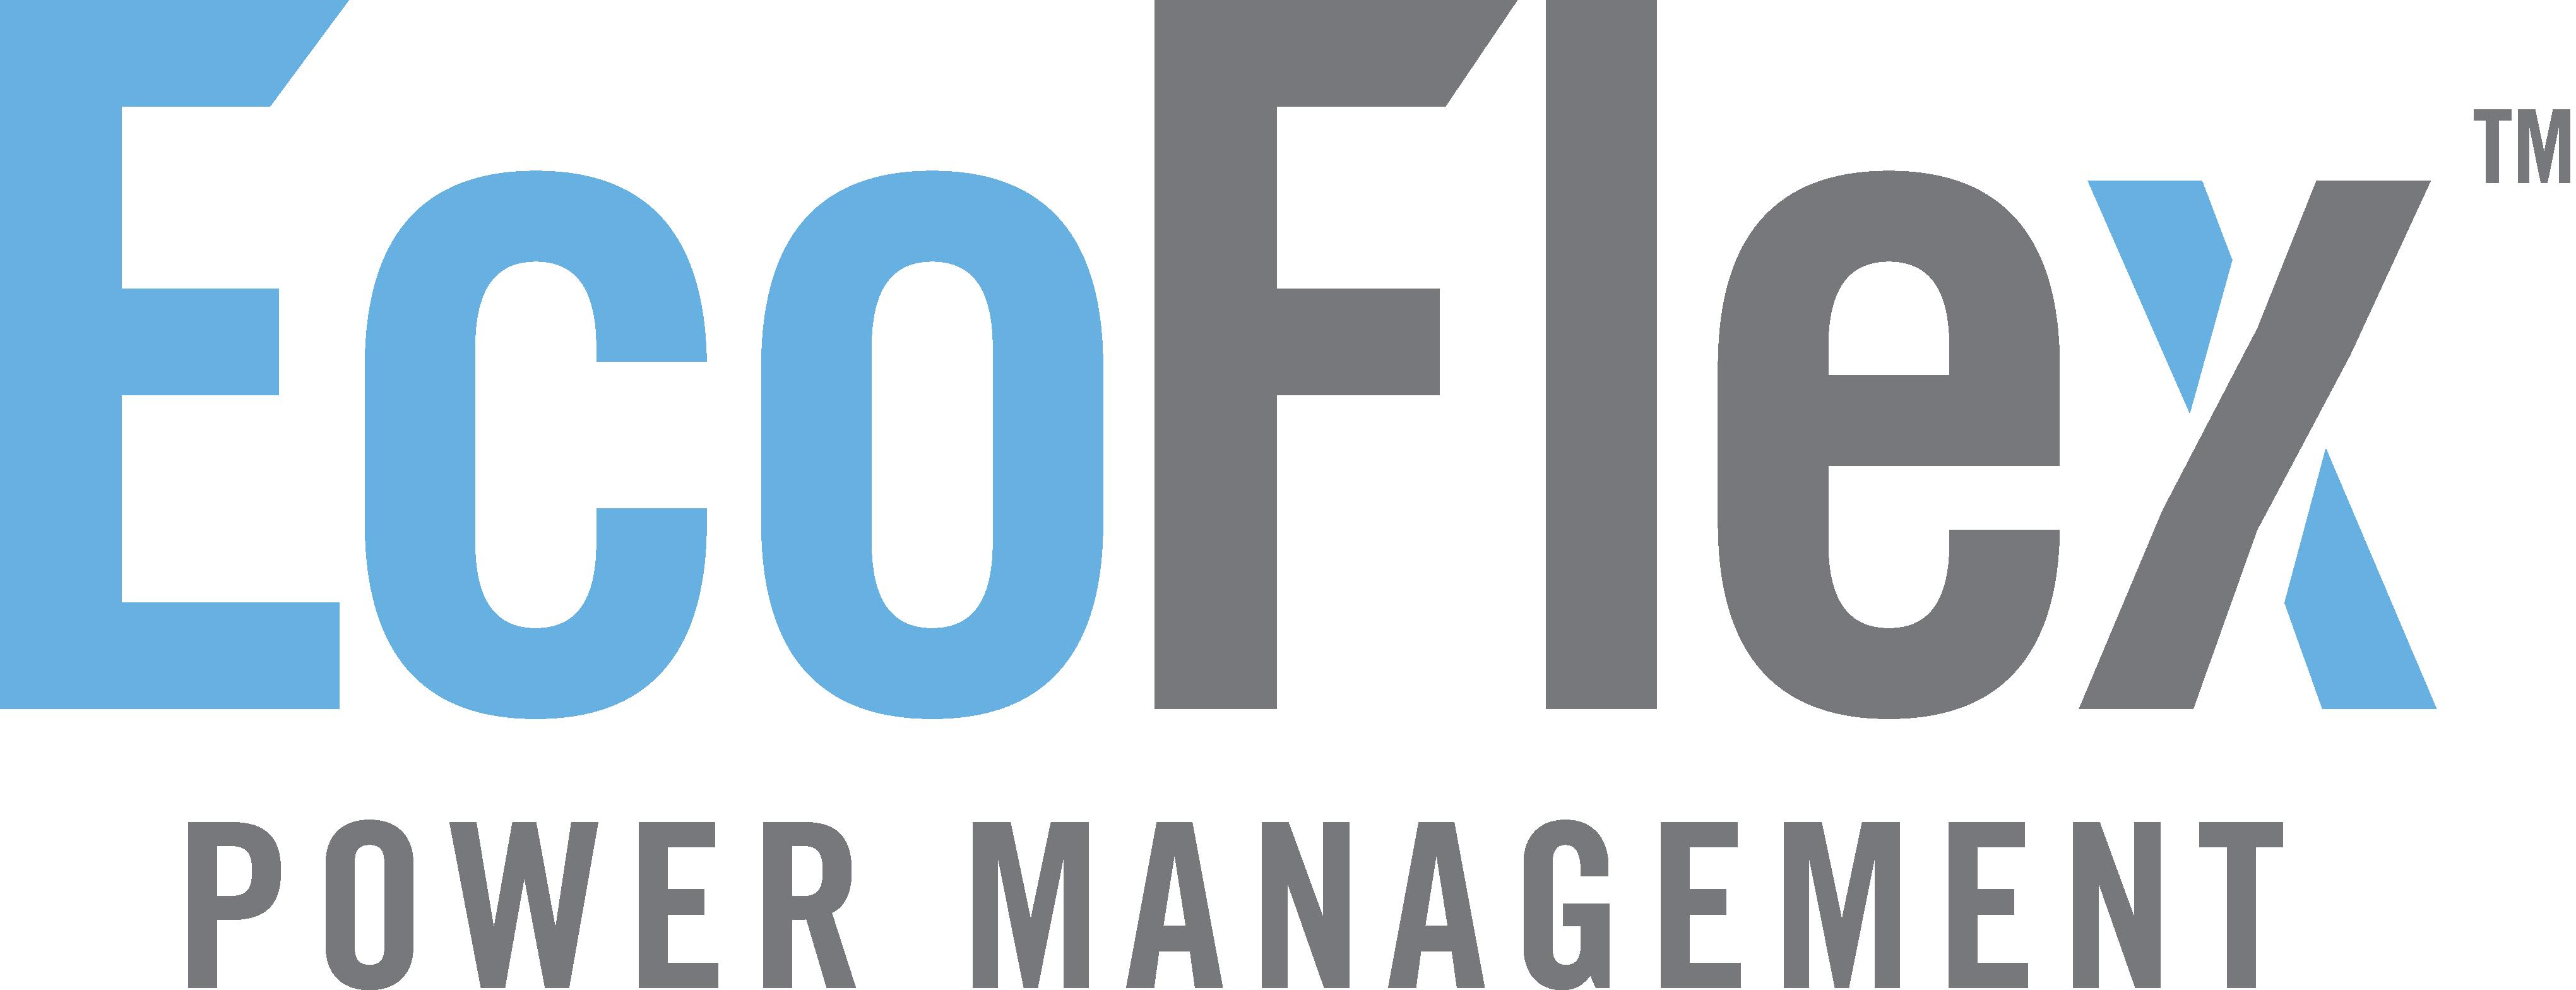 Enovate EcoFlex Power Management